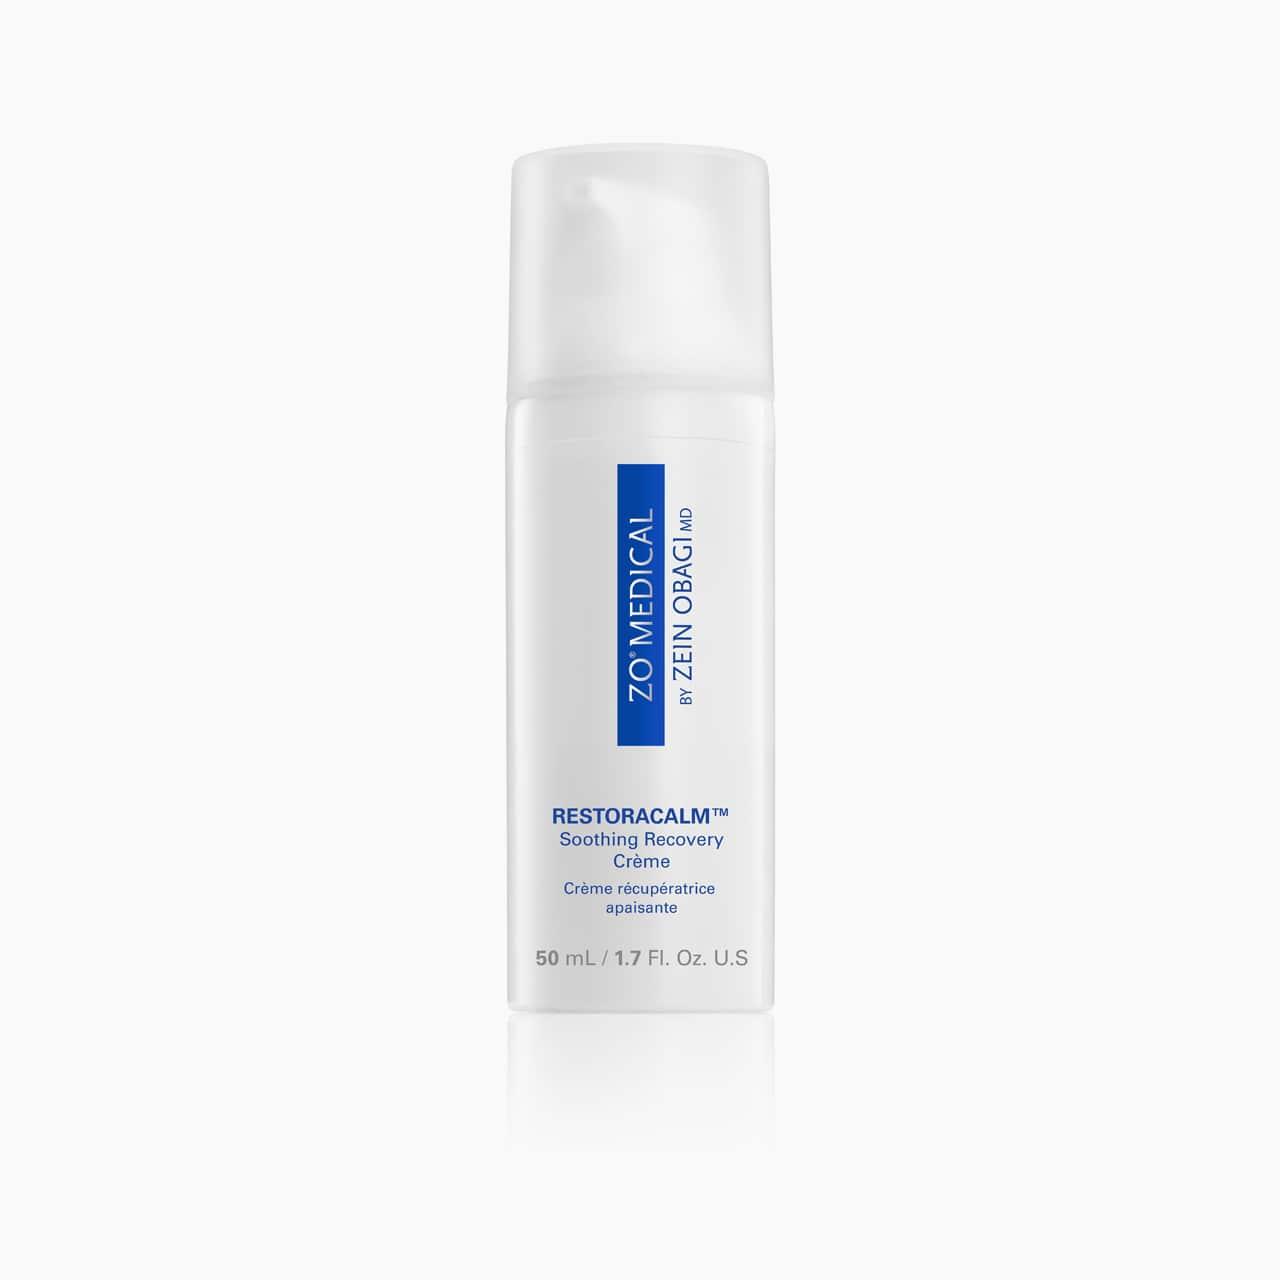 ZO Skin Health Restoracalm